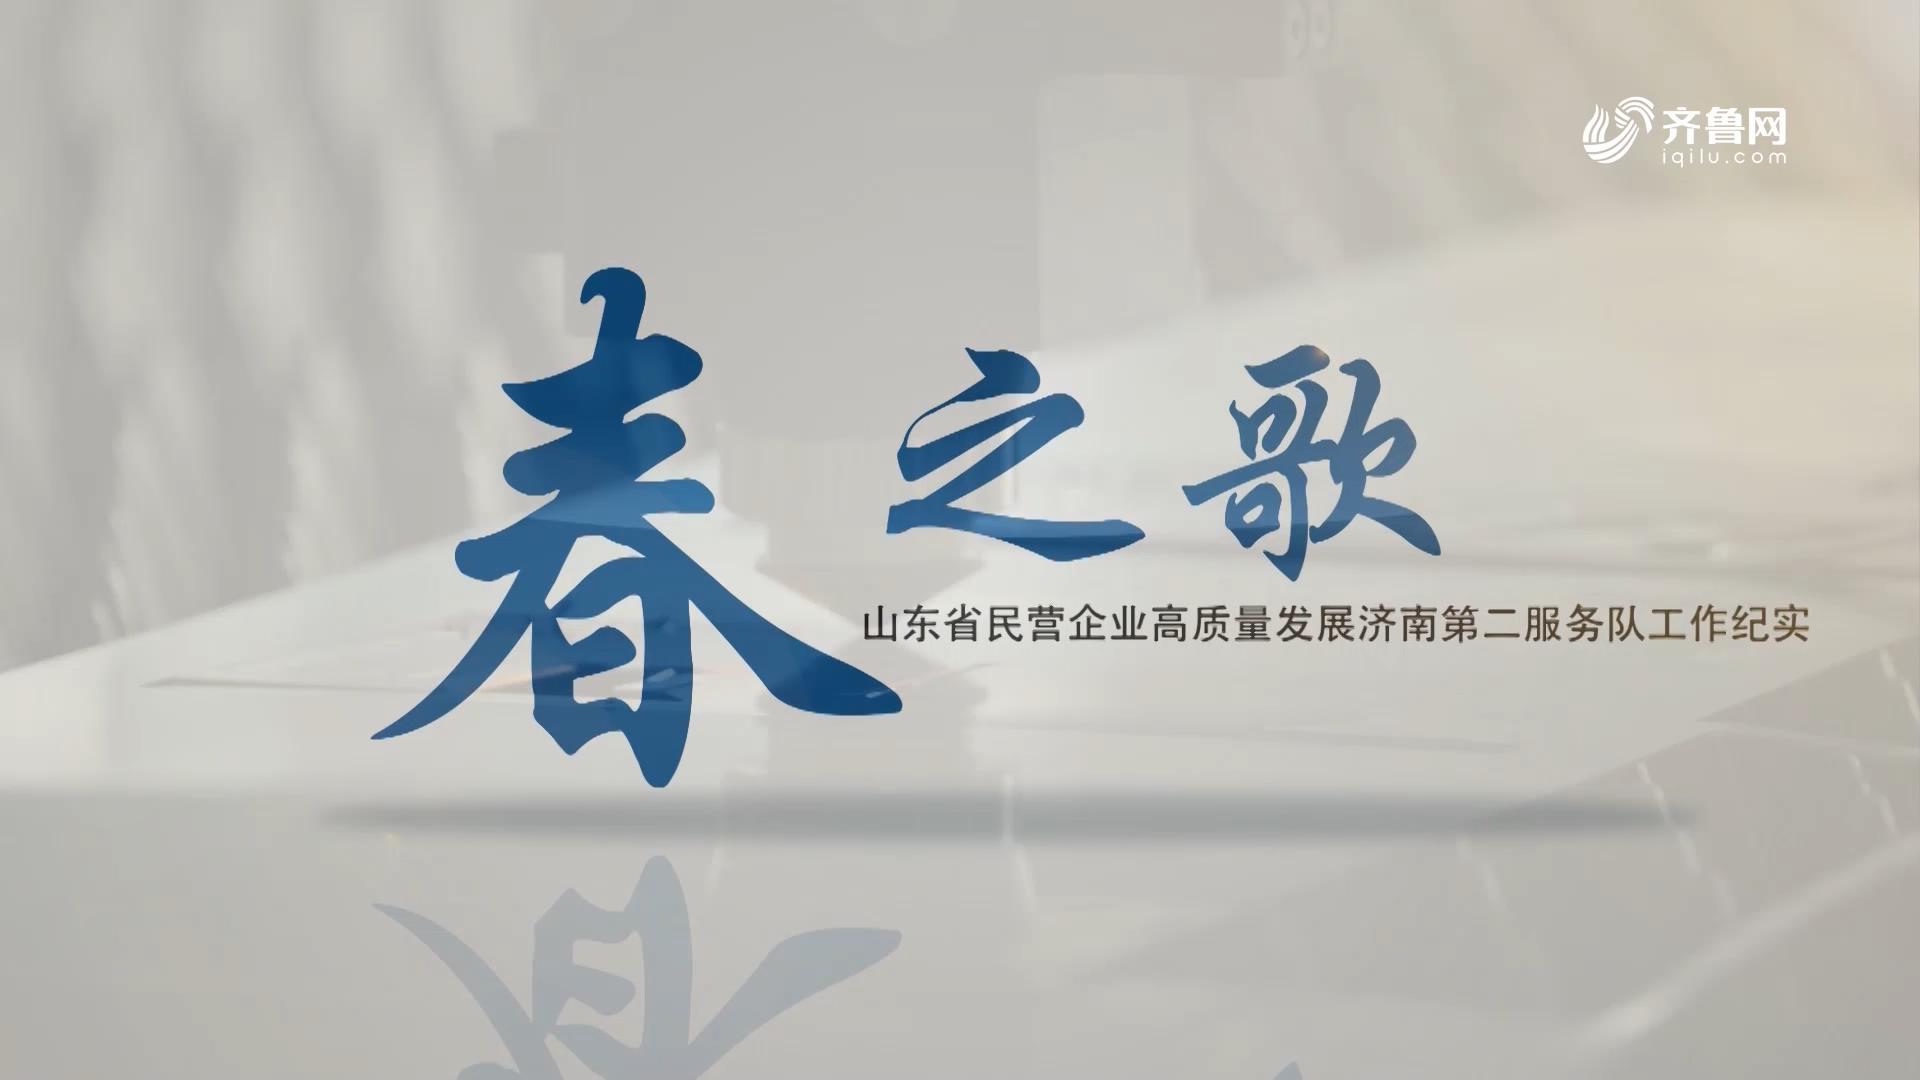 春之歌-山东民营企业高质量生长济南第二办事队事情纪实